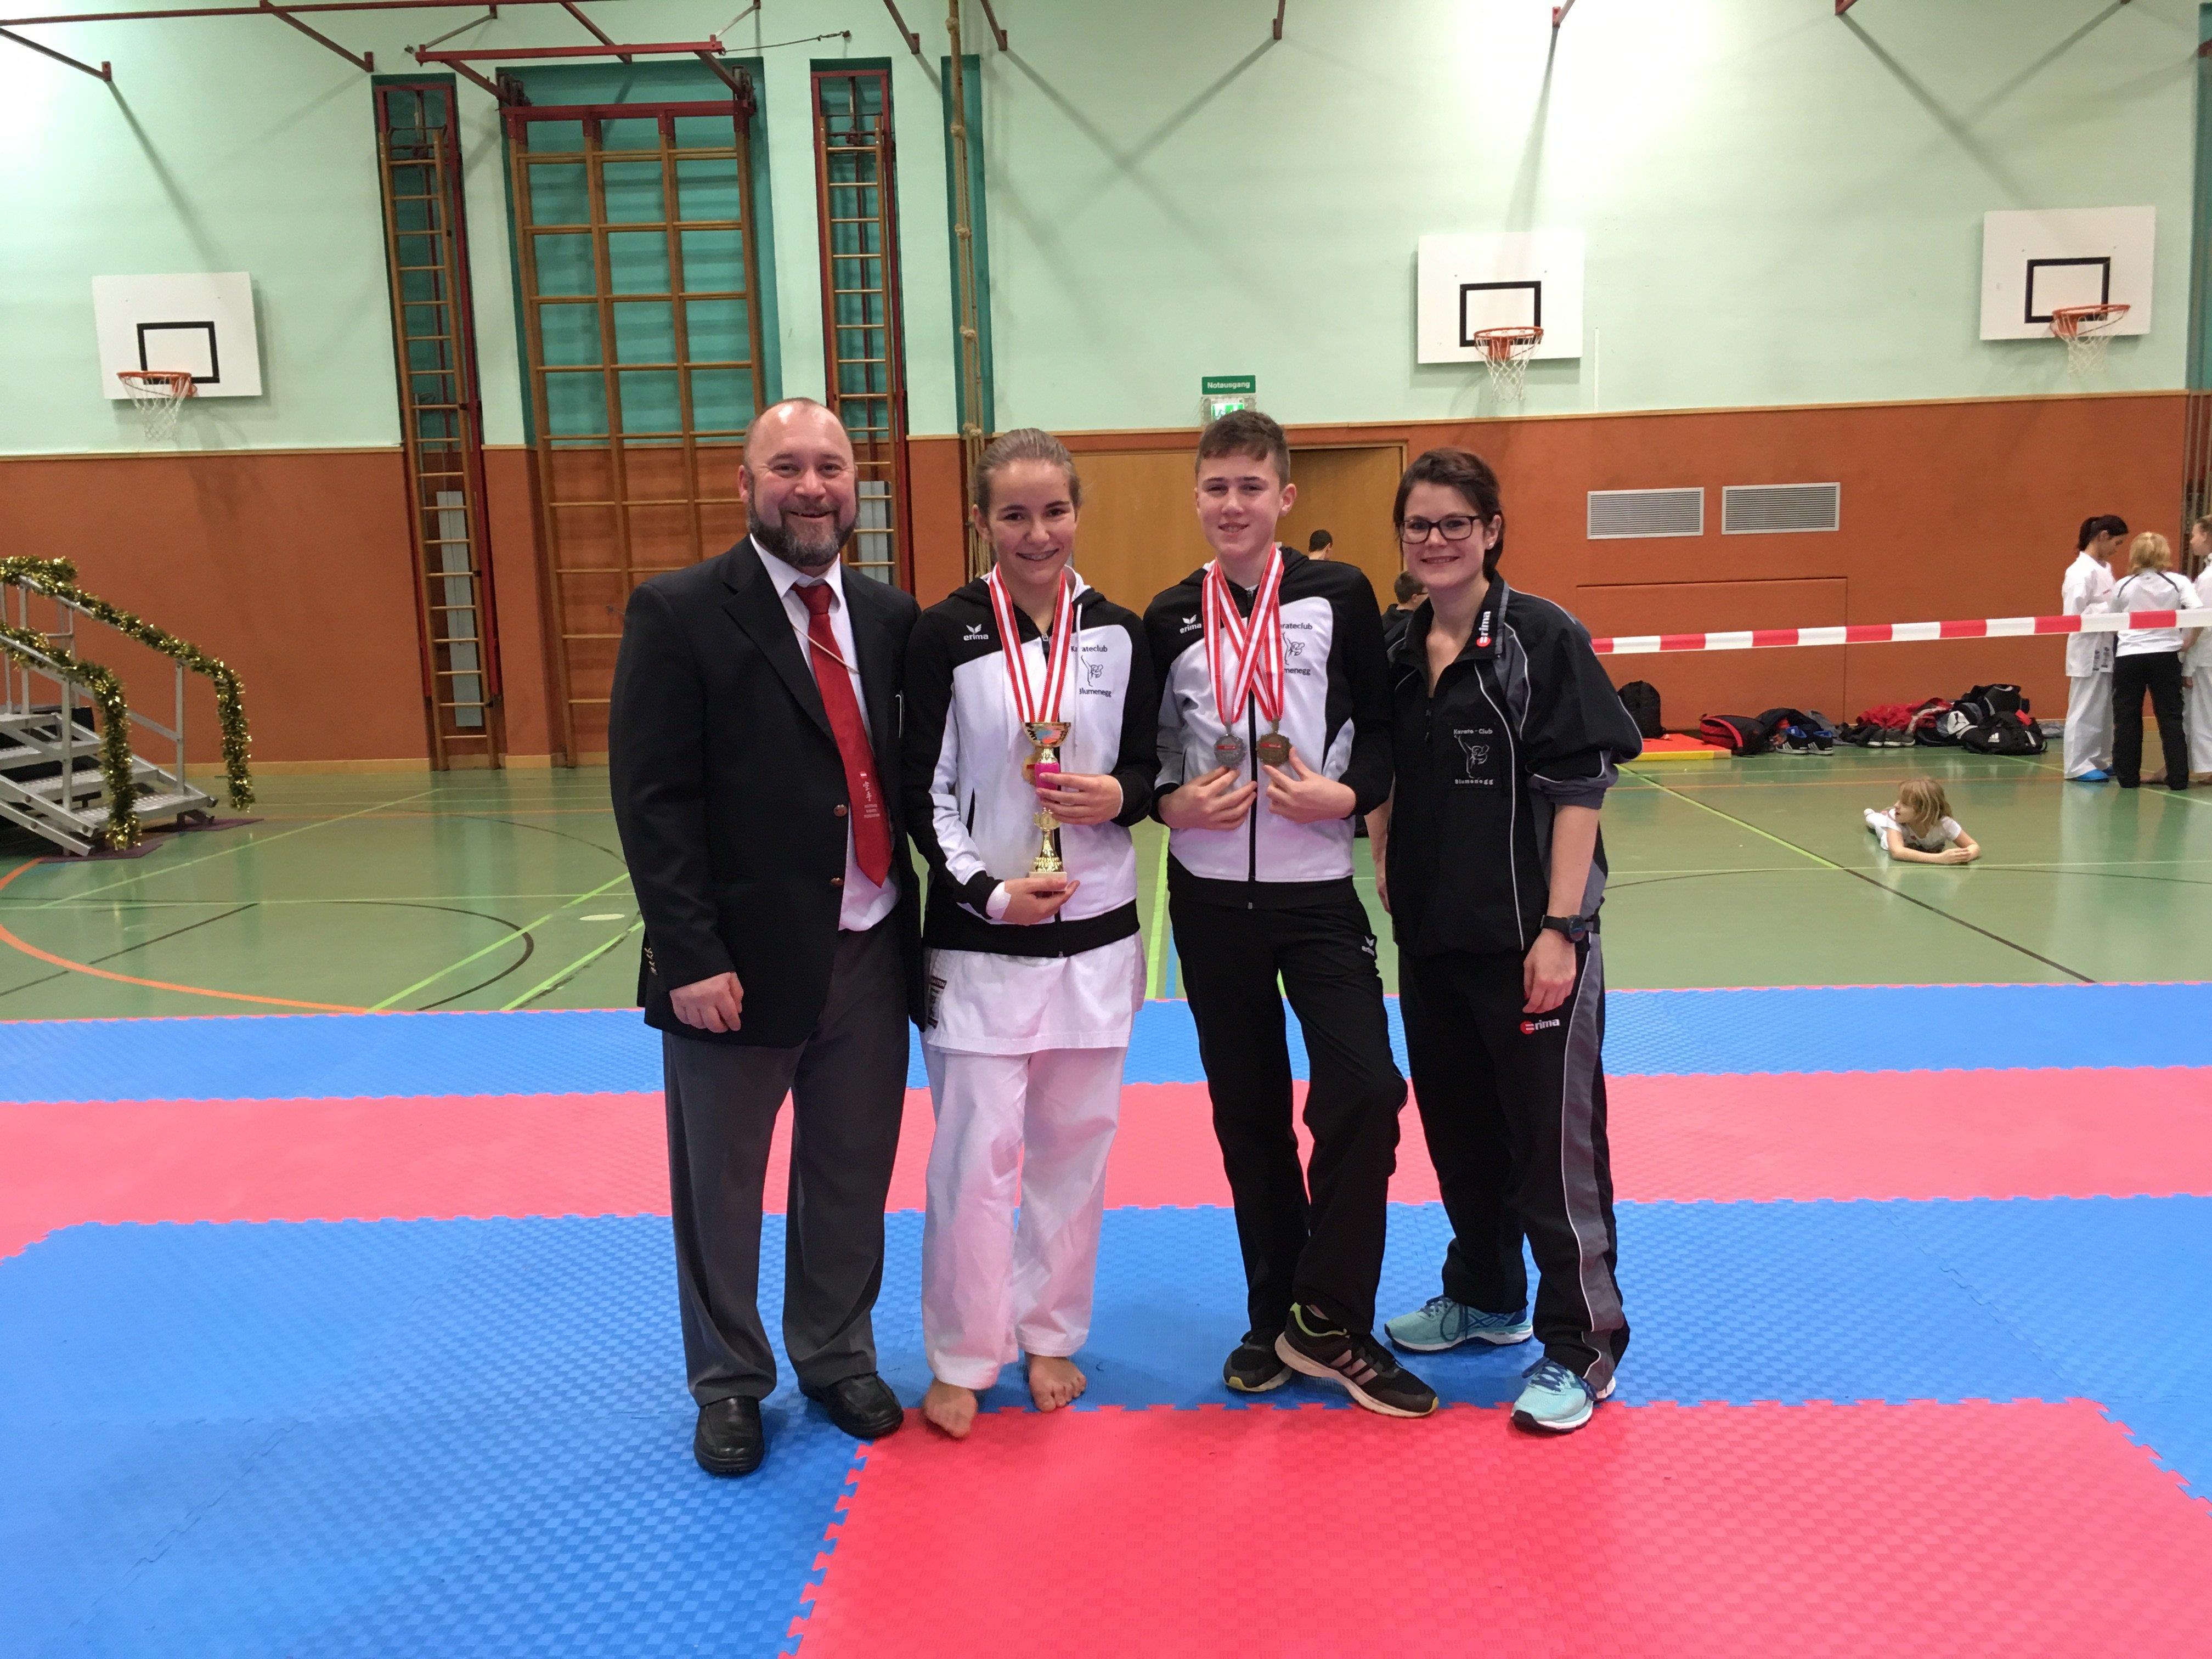 Gruppenfoto mit Medaillengewinnern